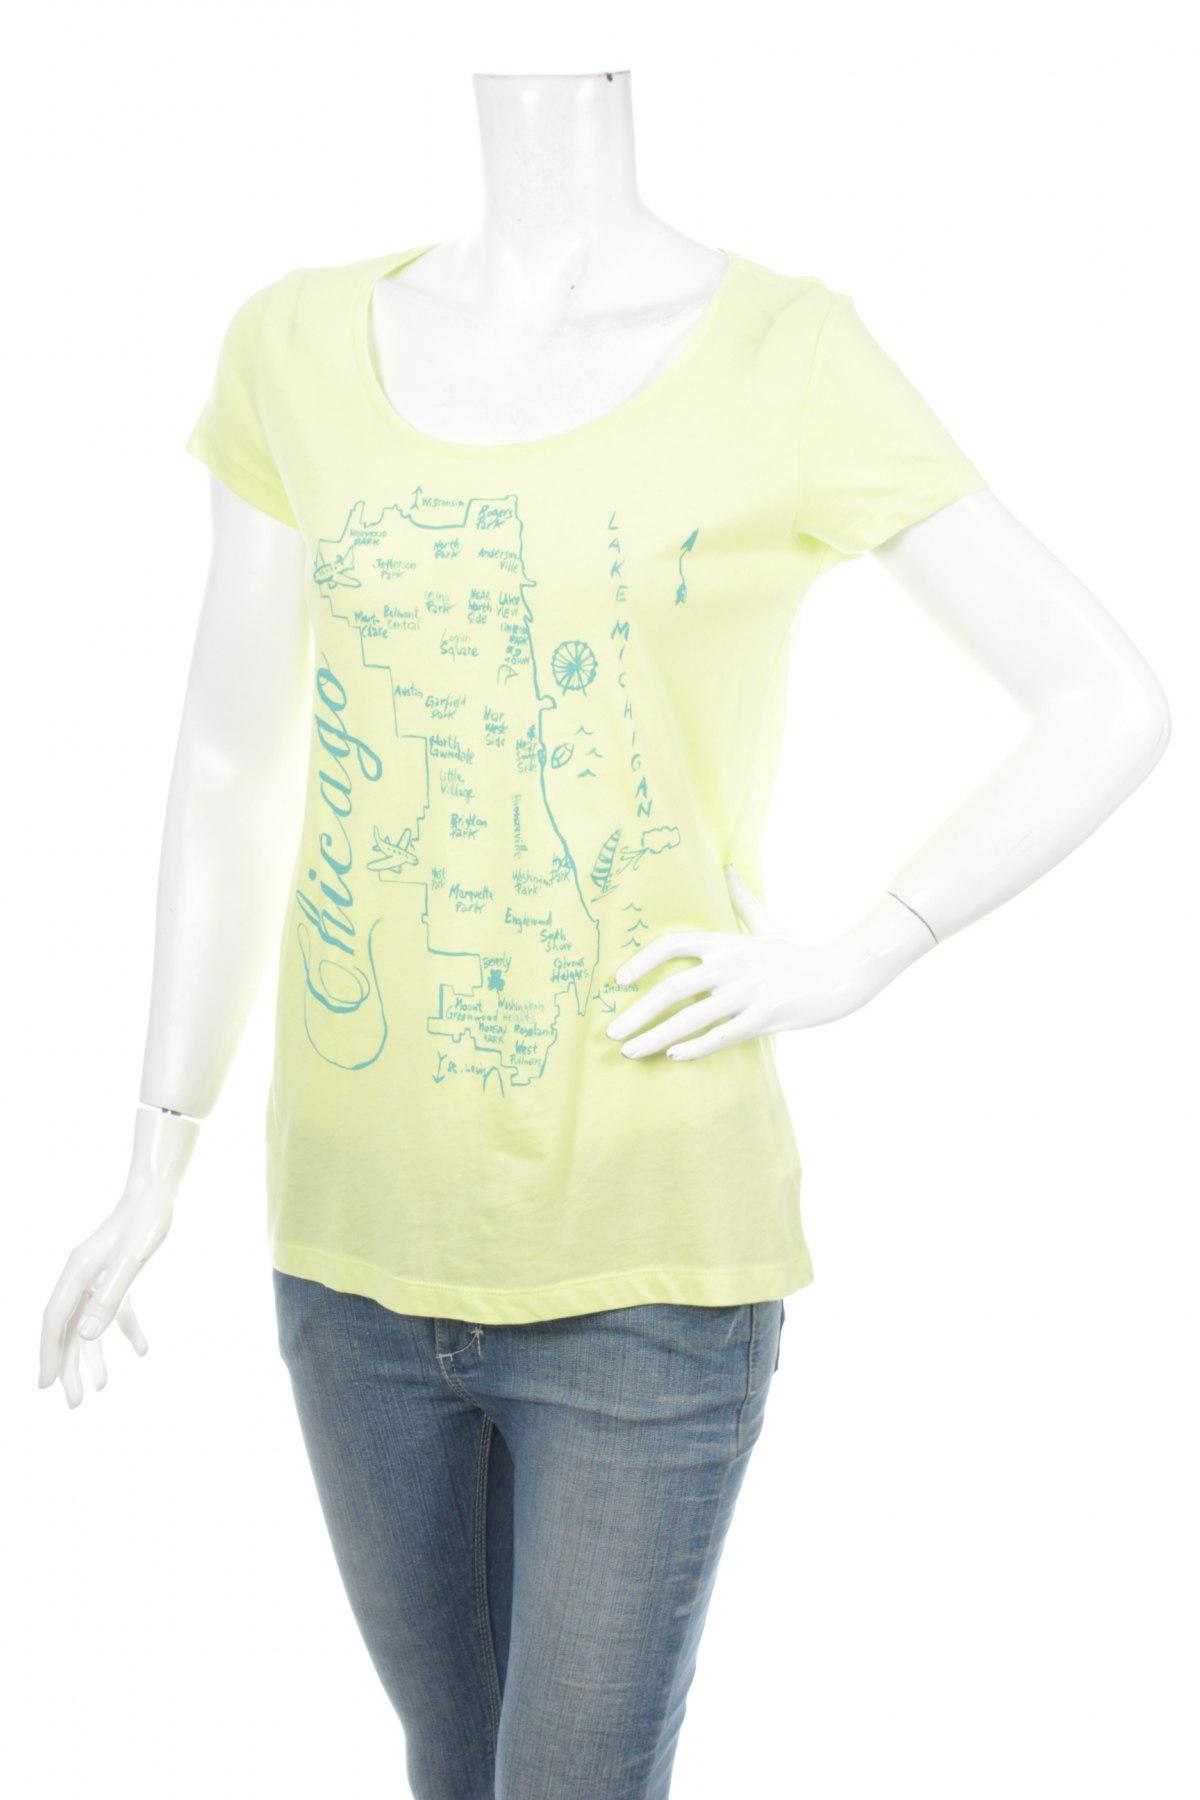 32e44b78fc45 Γυναικείο t-shirt United Colors Of Benetton - σε συμφέρουσα τιμή στο ...